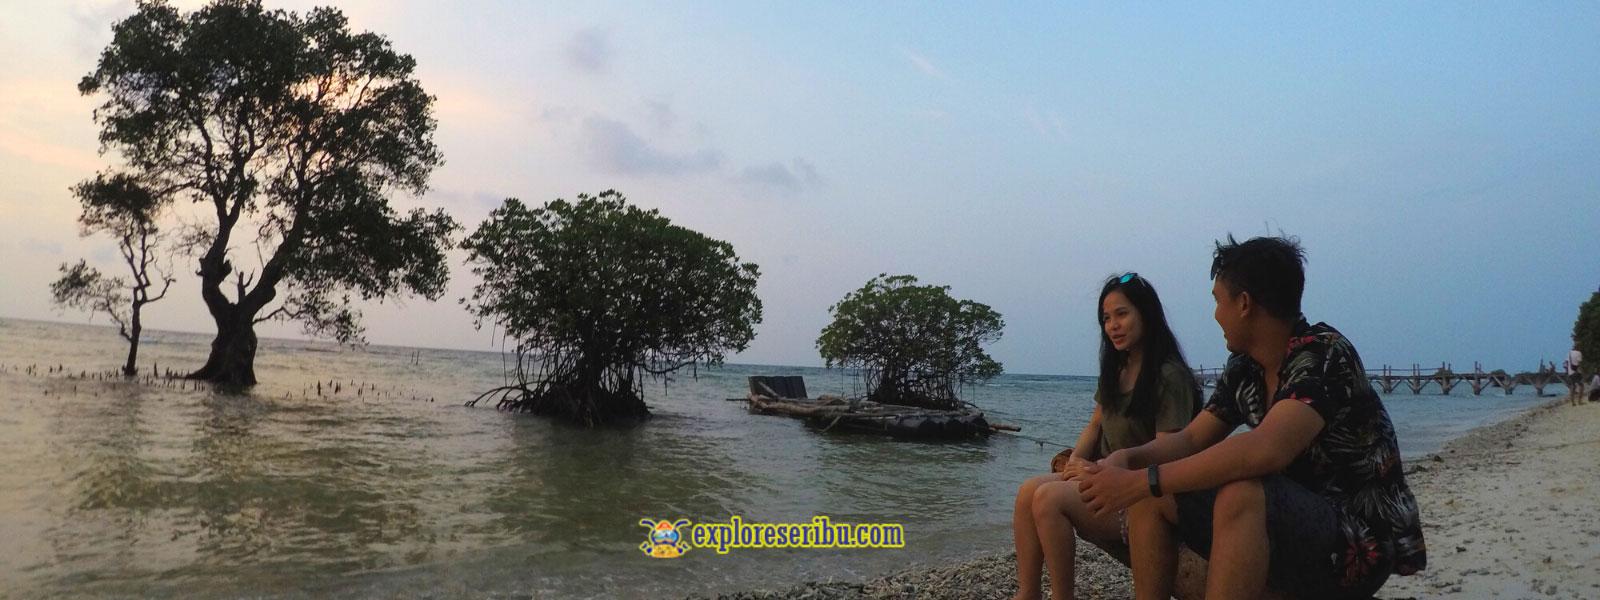 wisata yang tertunda di pulau tunda banten